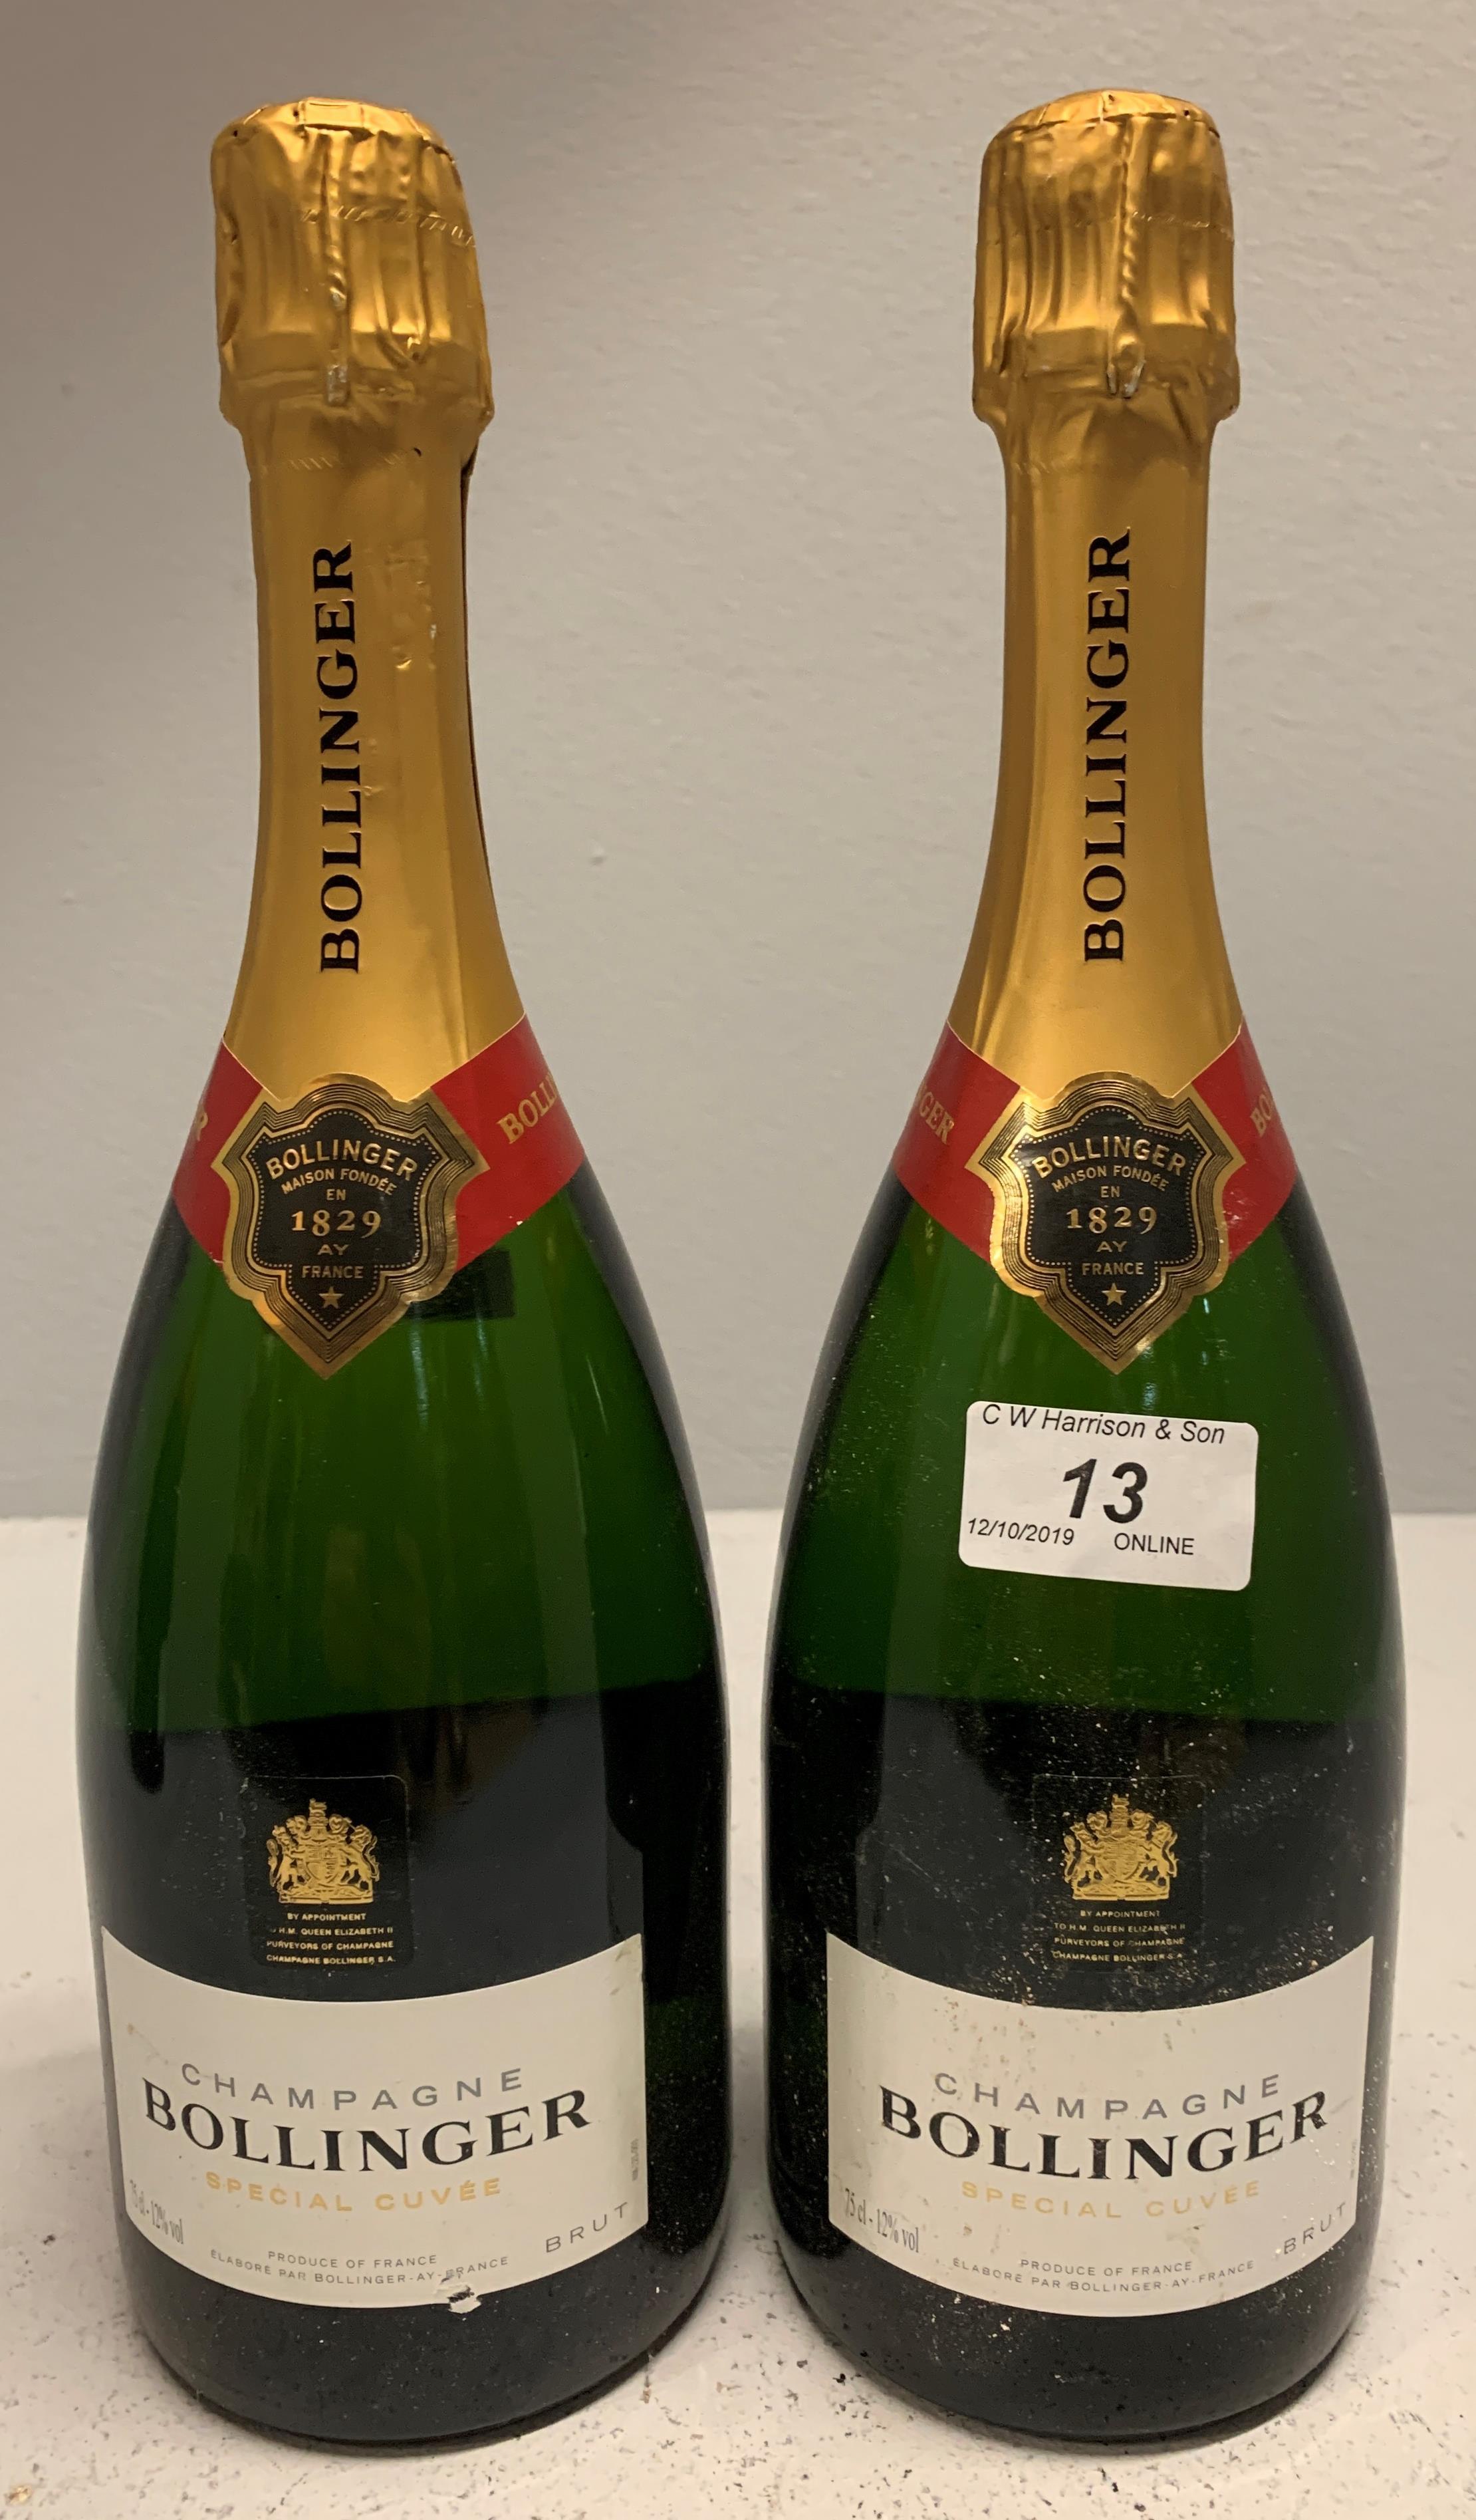 Lot 13 - 2 x 75cl bottles Bollinger Brut Special